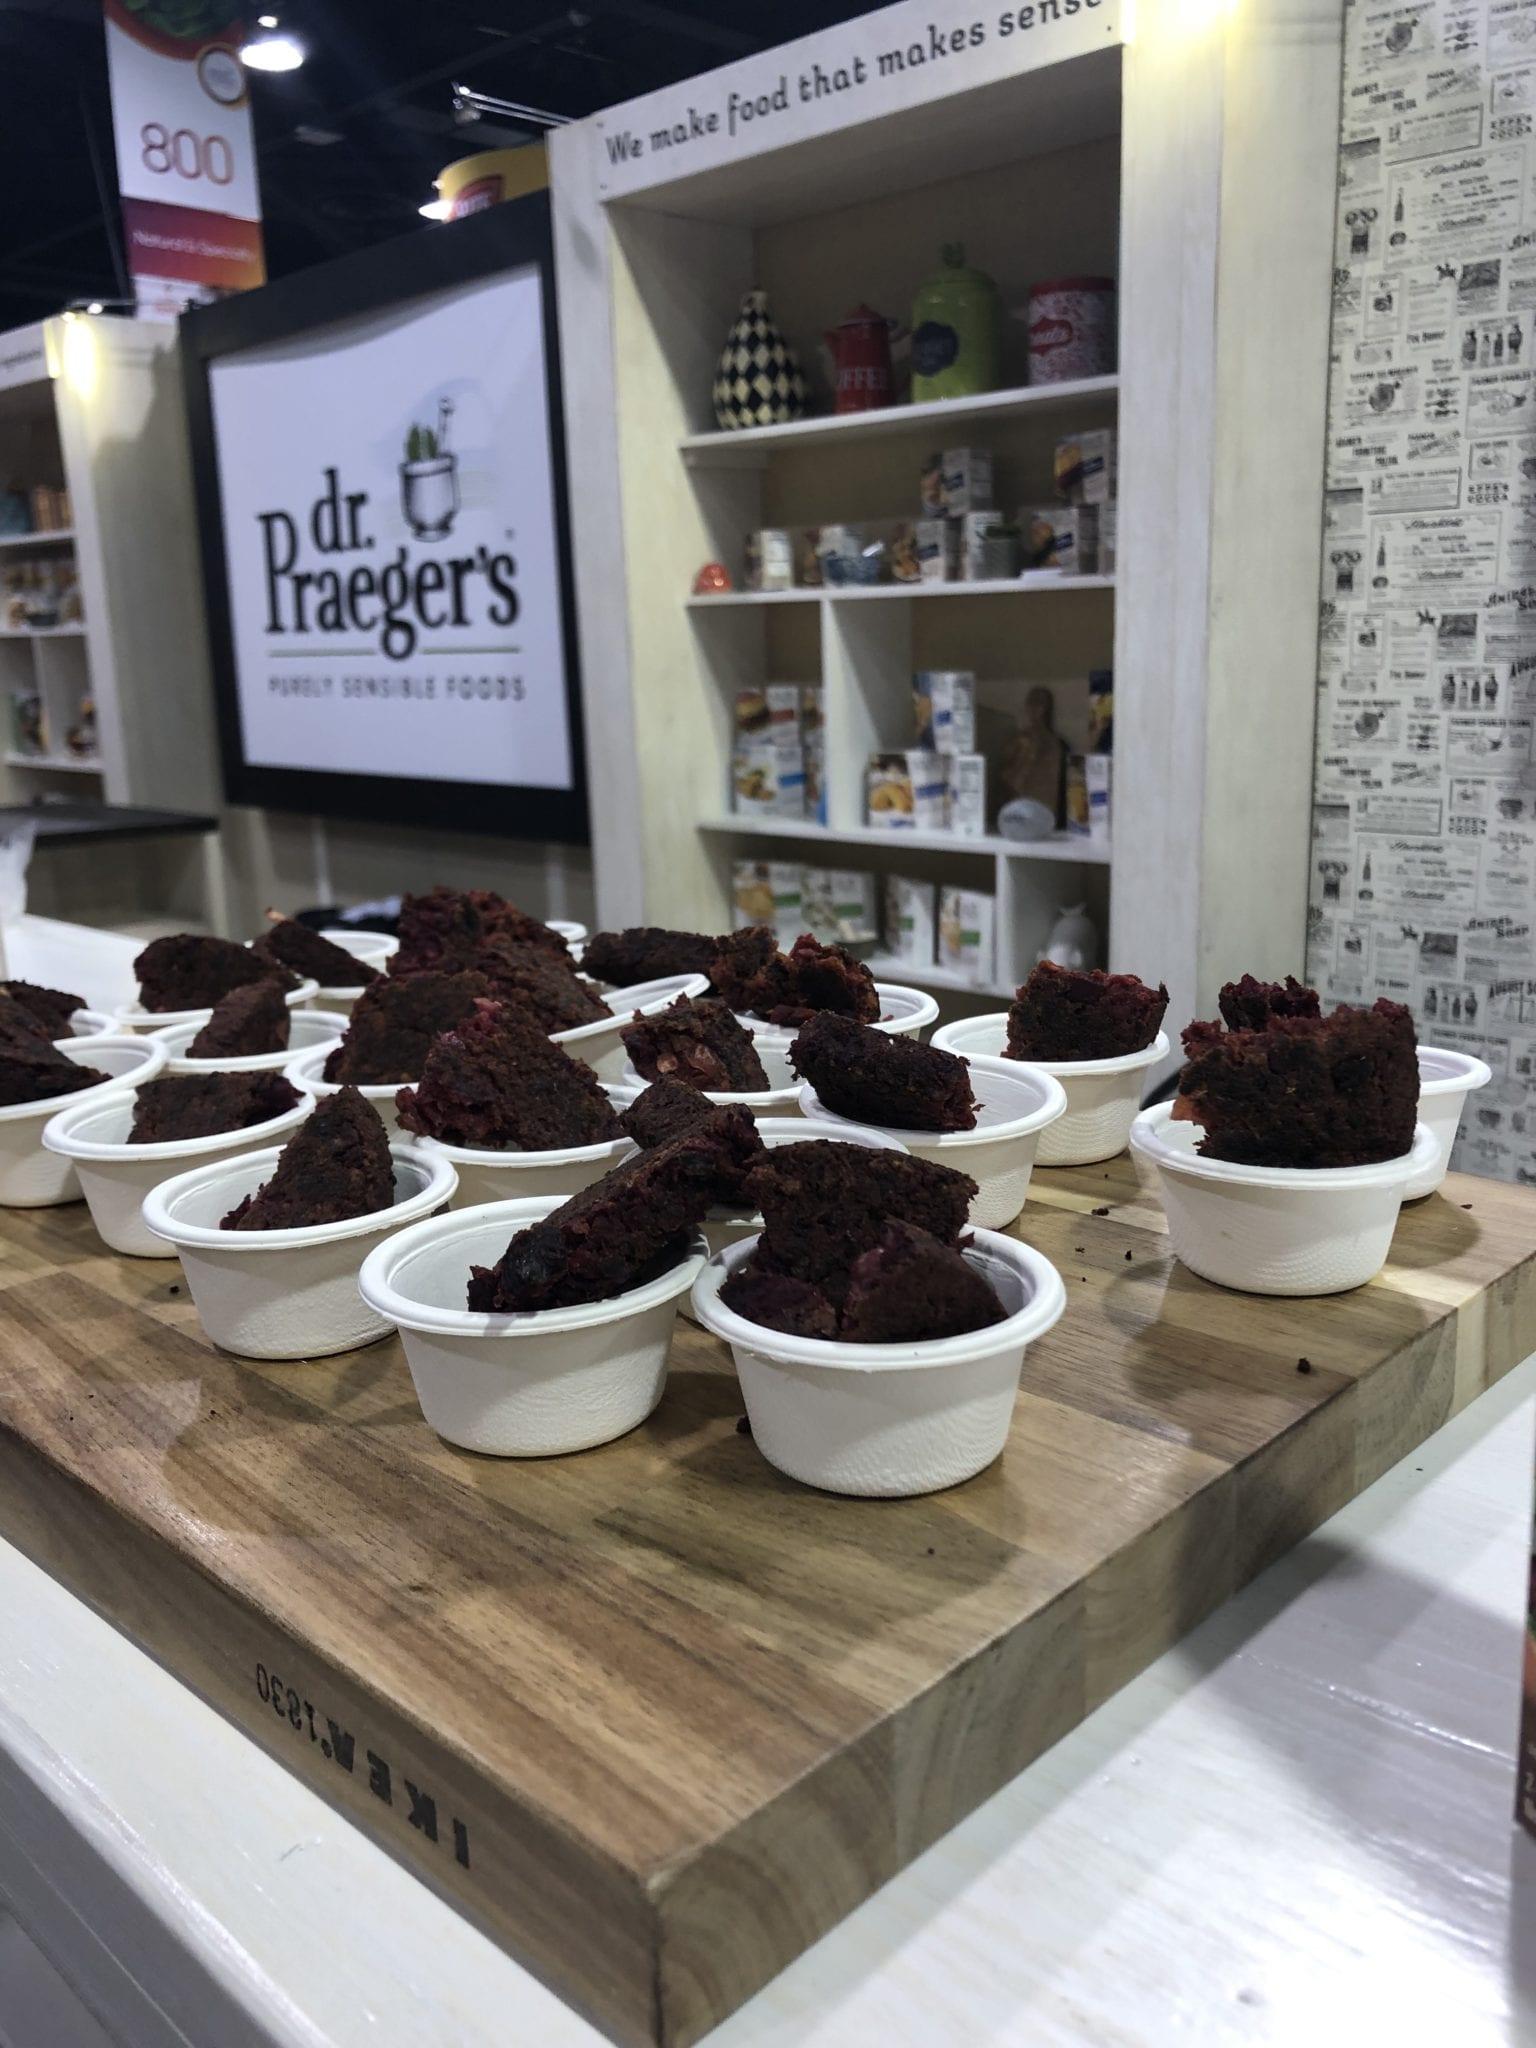 dr praegers brownies